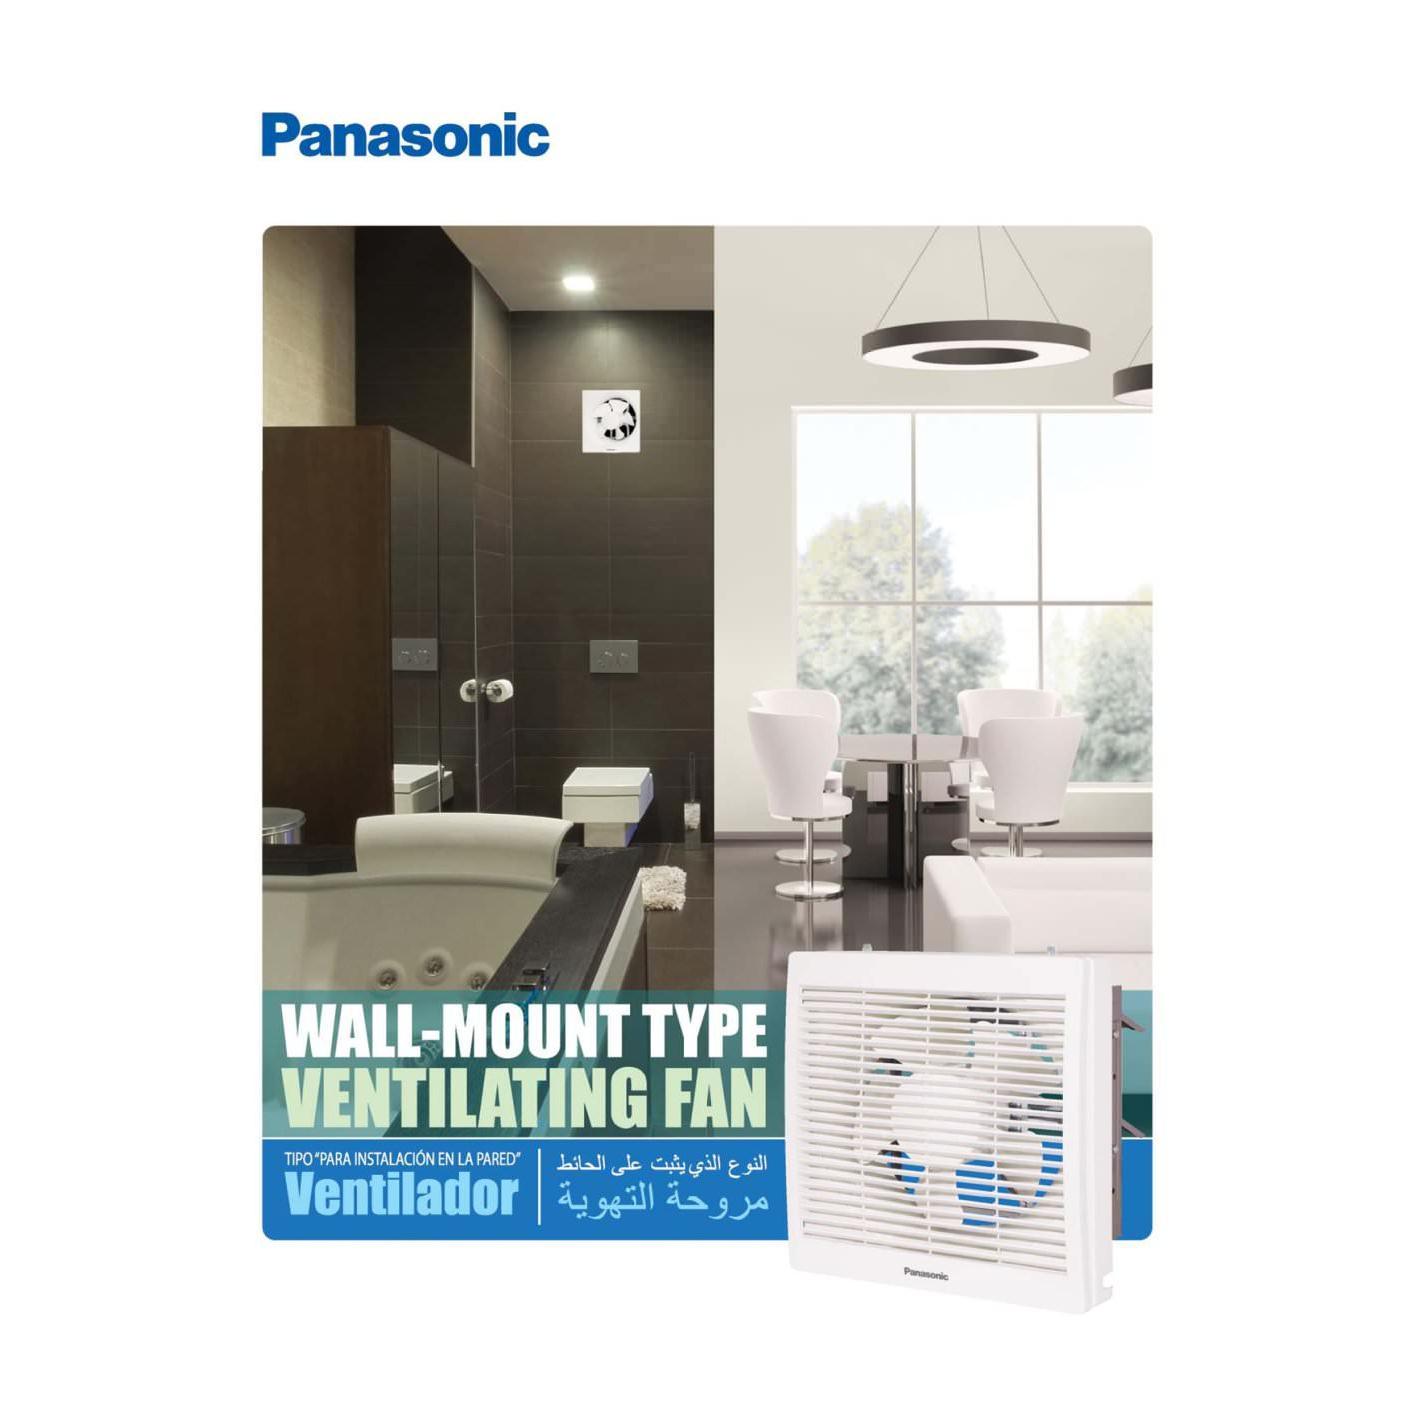 Quạt thông gió Panasonic FV-20AL9 ( Quạt hút gió Panasonic gắn tường lổ khoét 250x250mm )